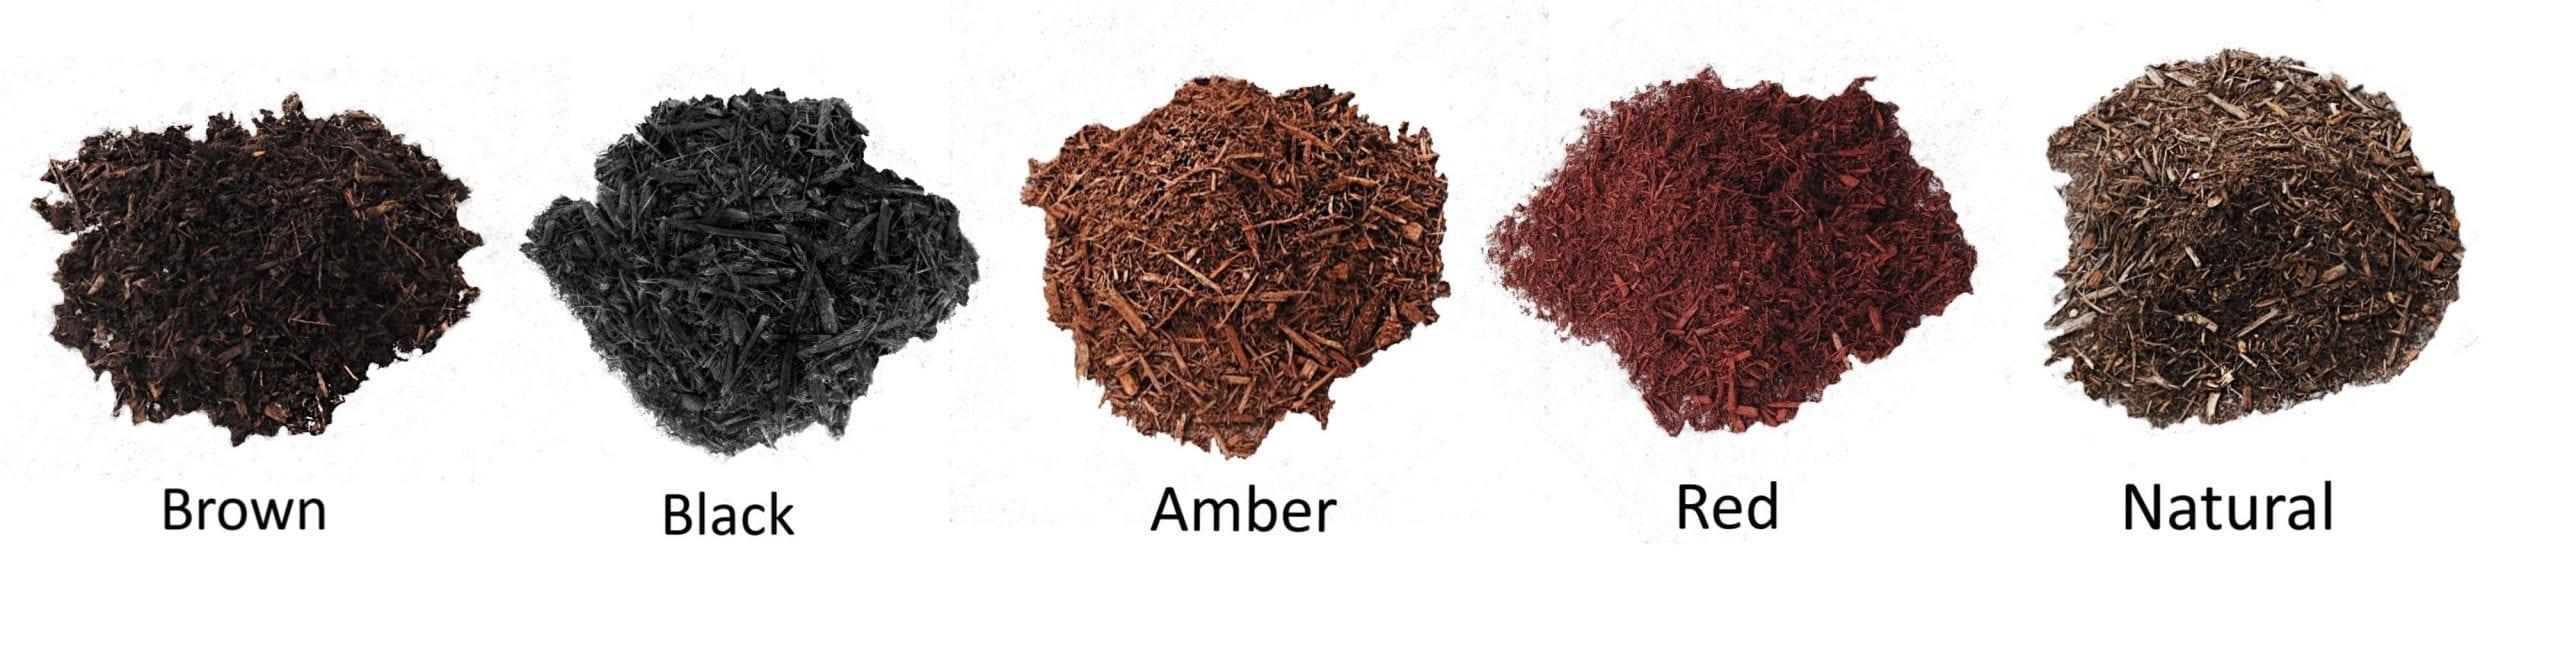 mulch color